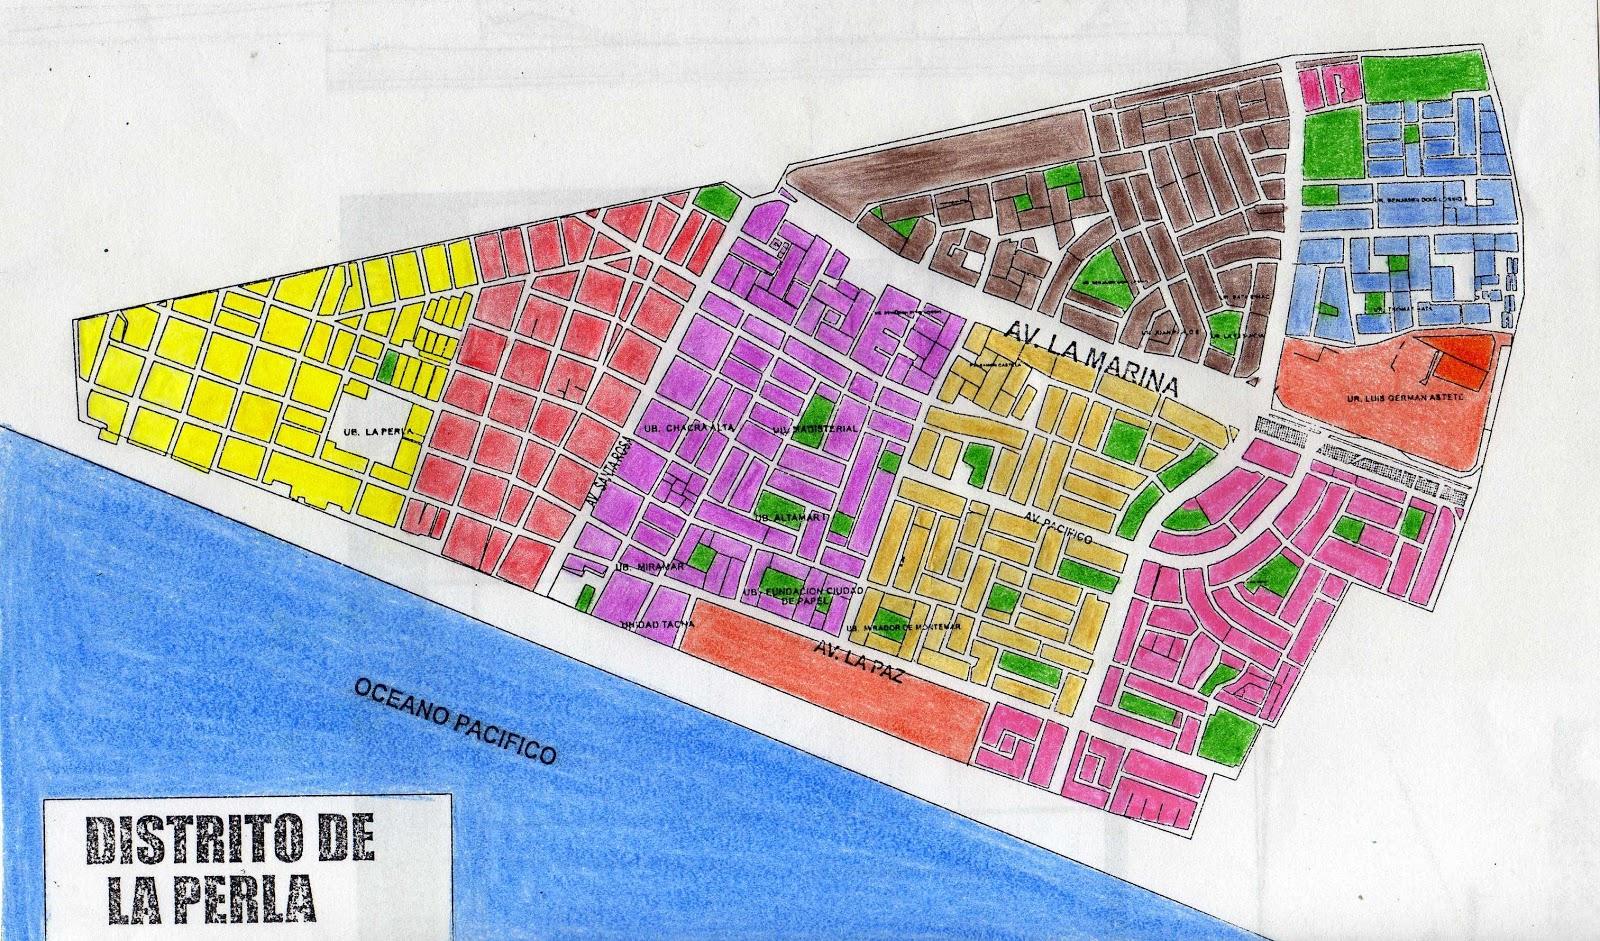 Para mis tareas mapa del distrito la perla callao for Plano de villa el salvador